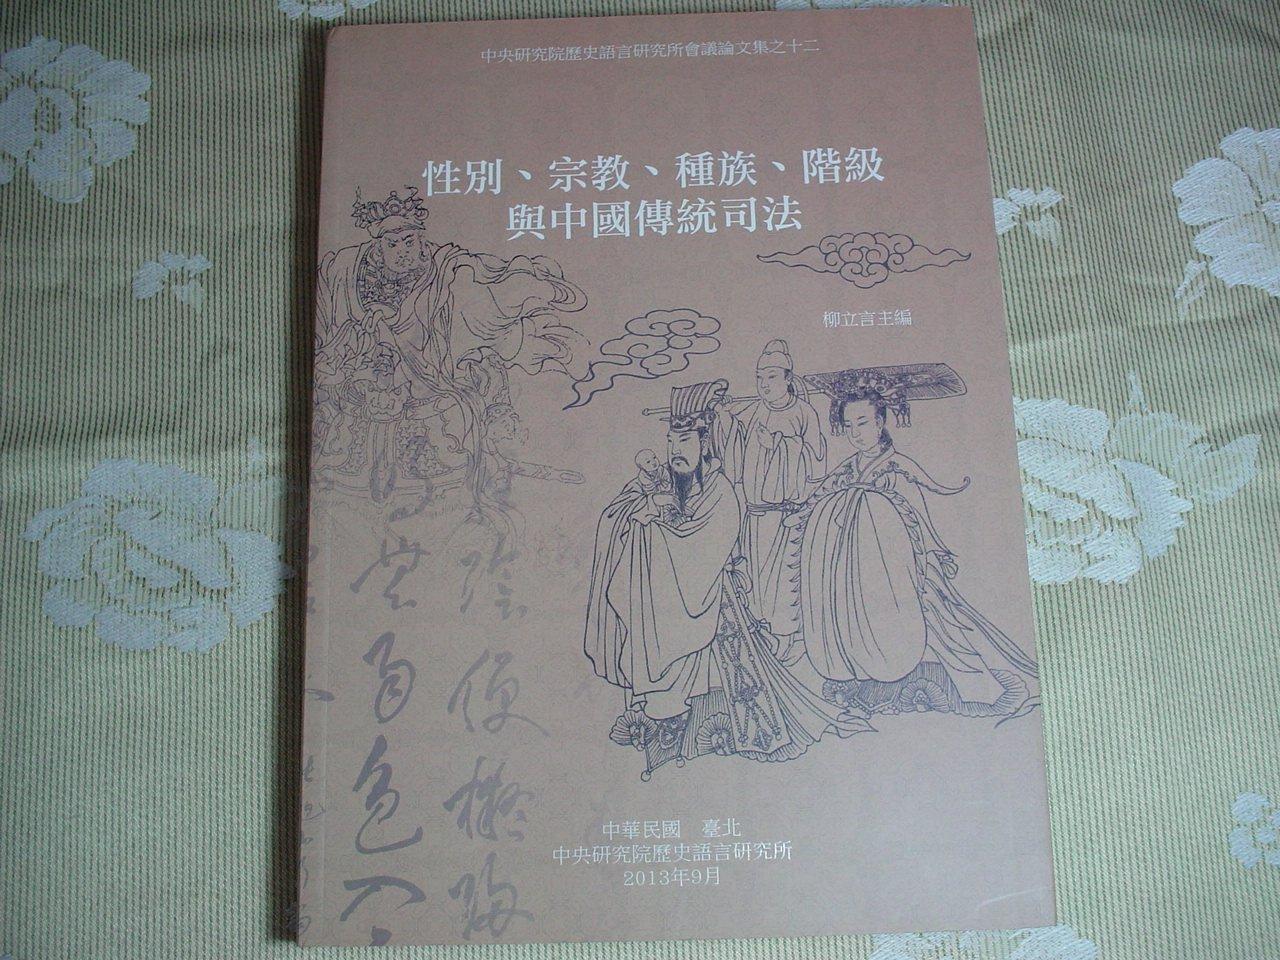 性別、宗教、種族、階級與中國傳統司法 2013年9月 《柳立言 主編》 書況為實品拍攝,無標記, 如圖【A3.49】